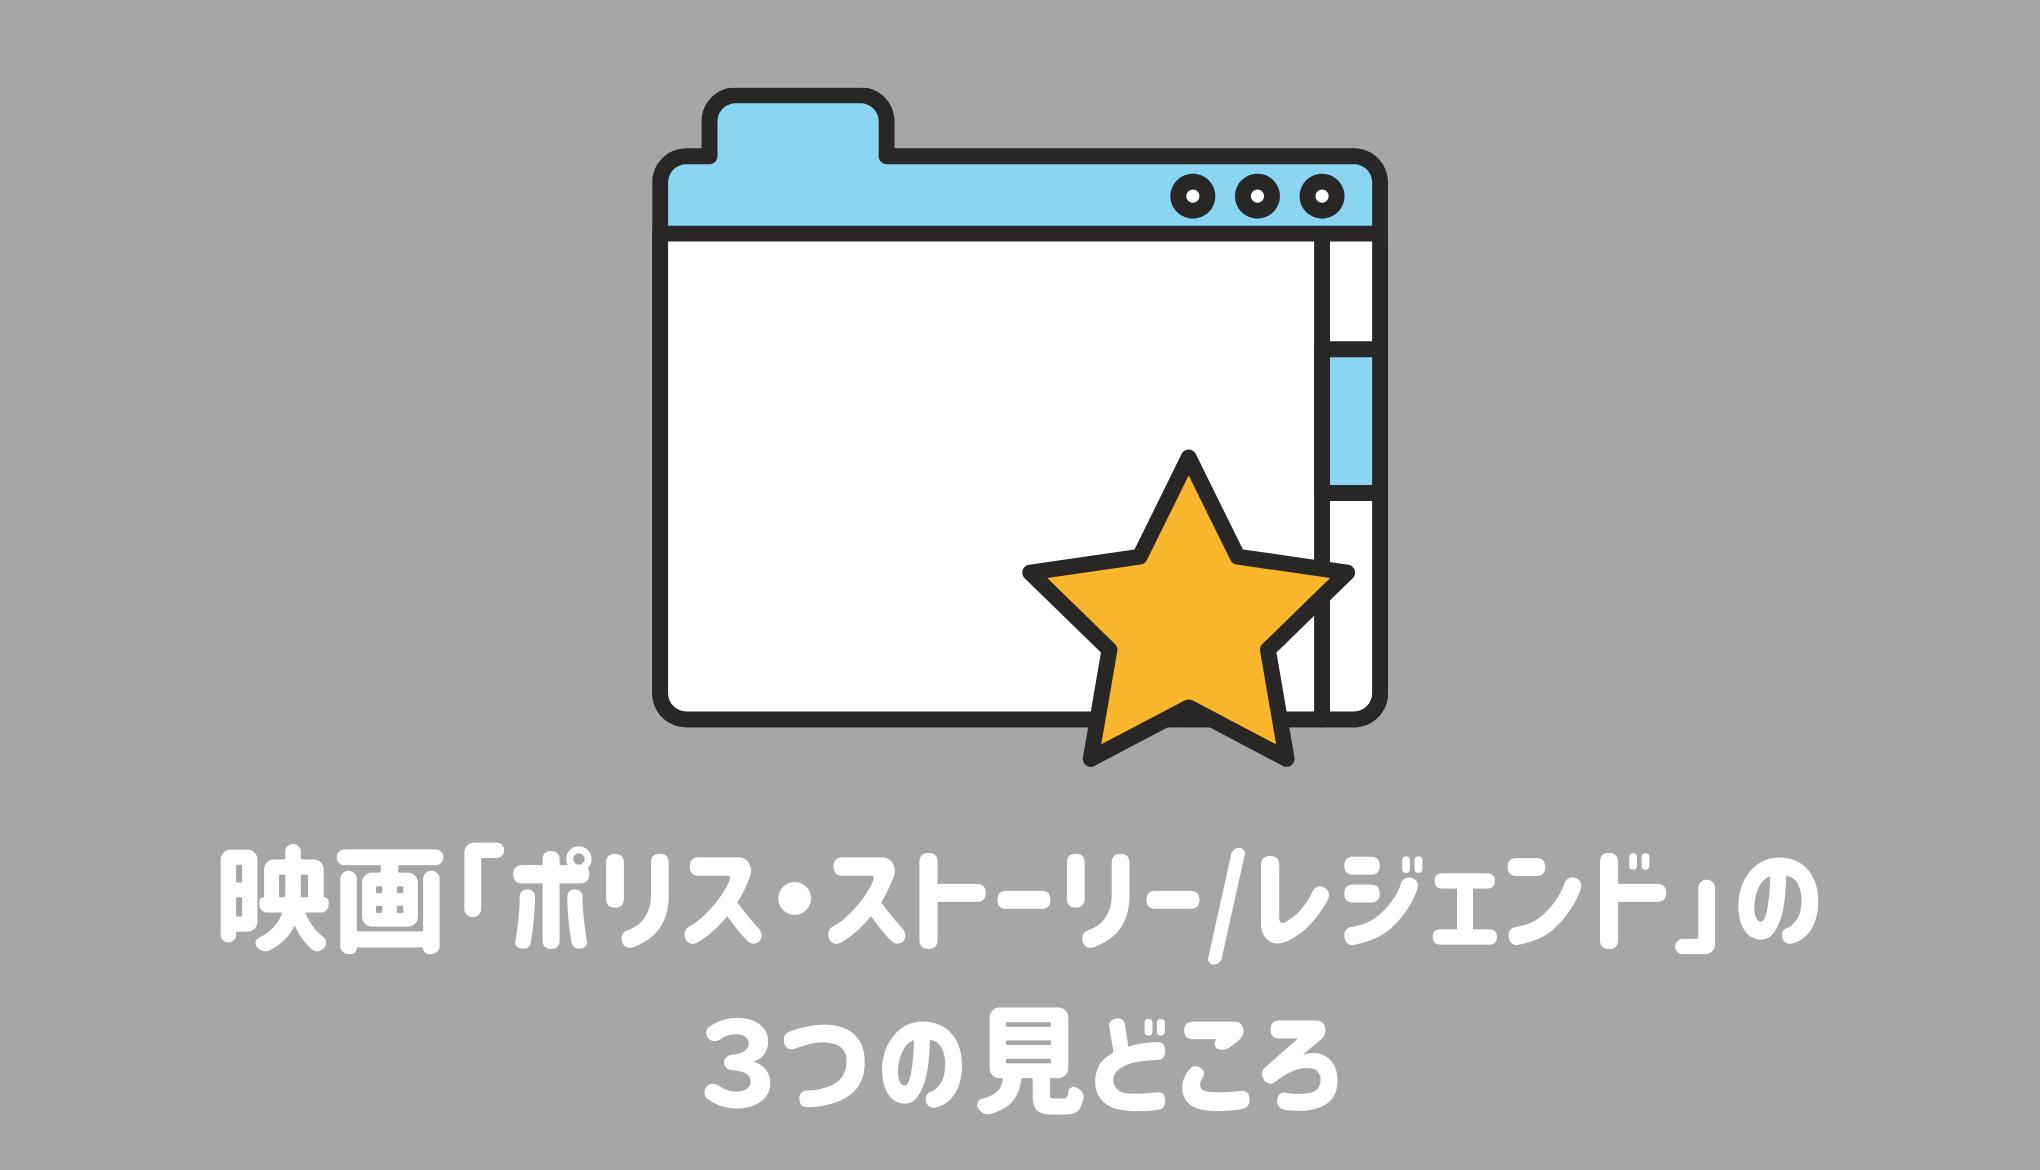 映画「ポリス・ストーリー/レジェンド」の見どころ